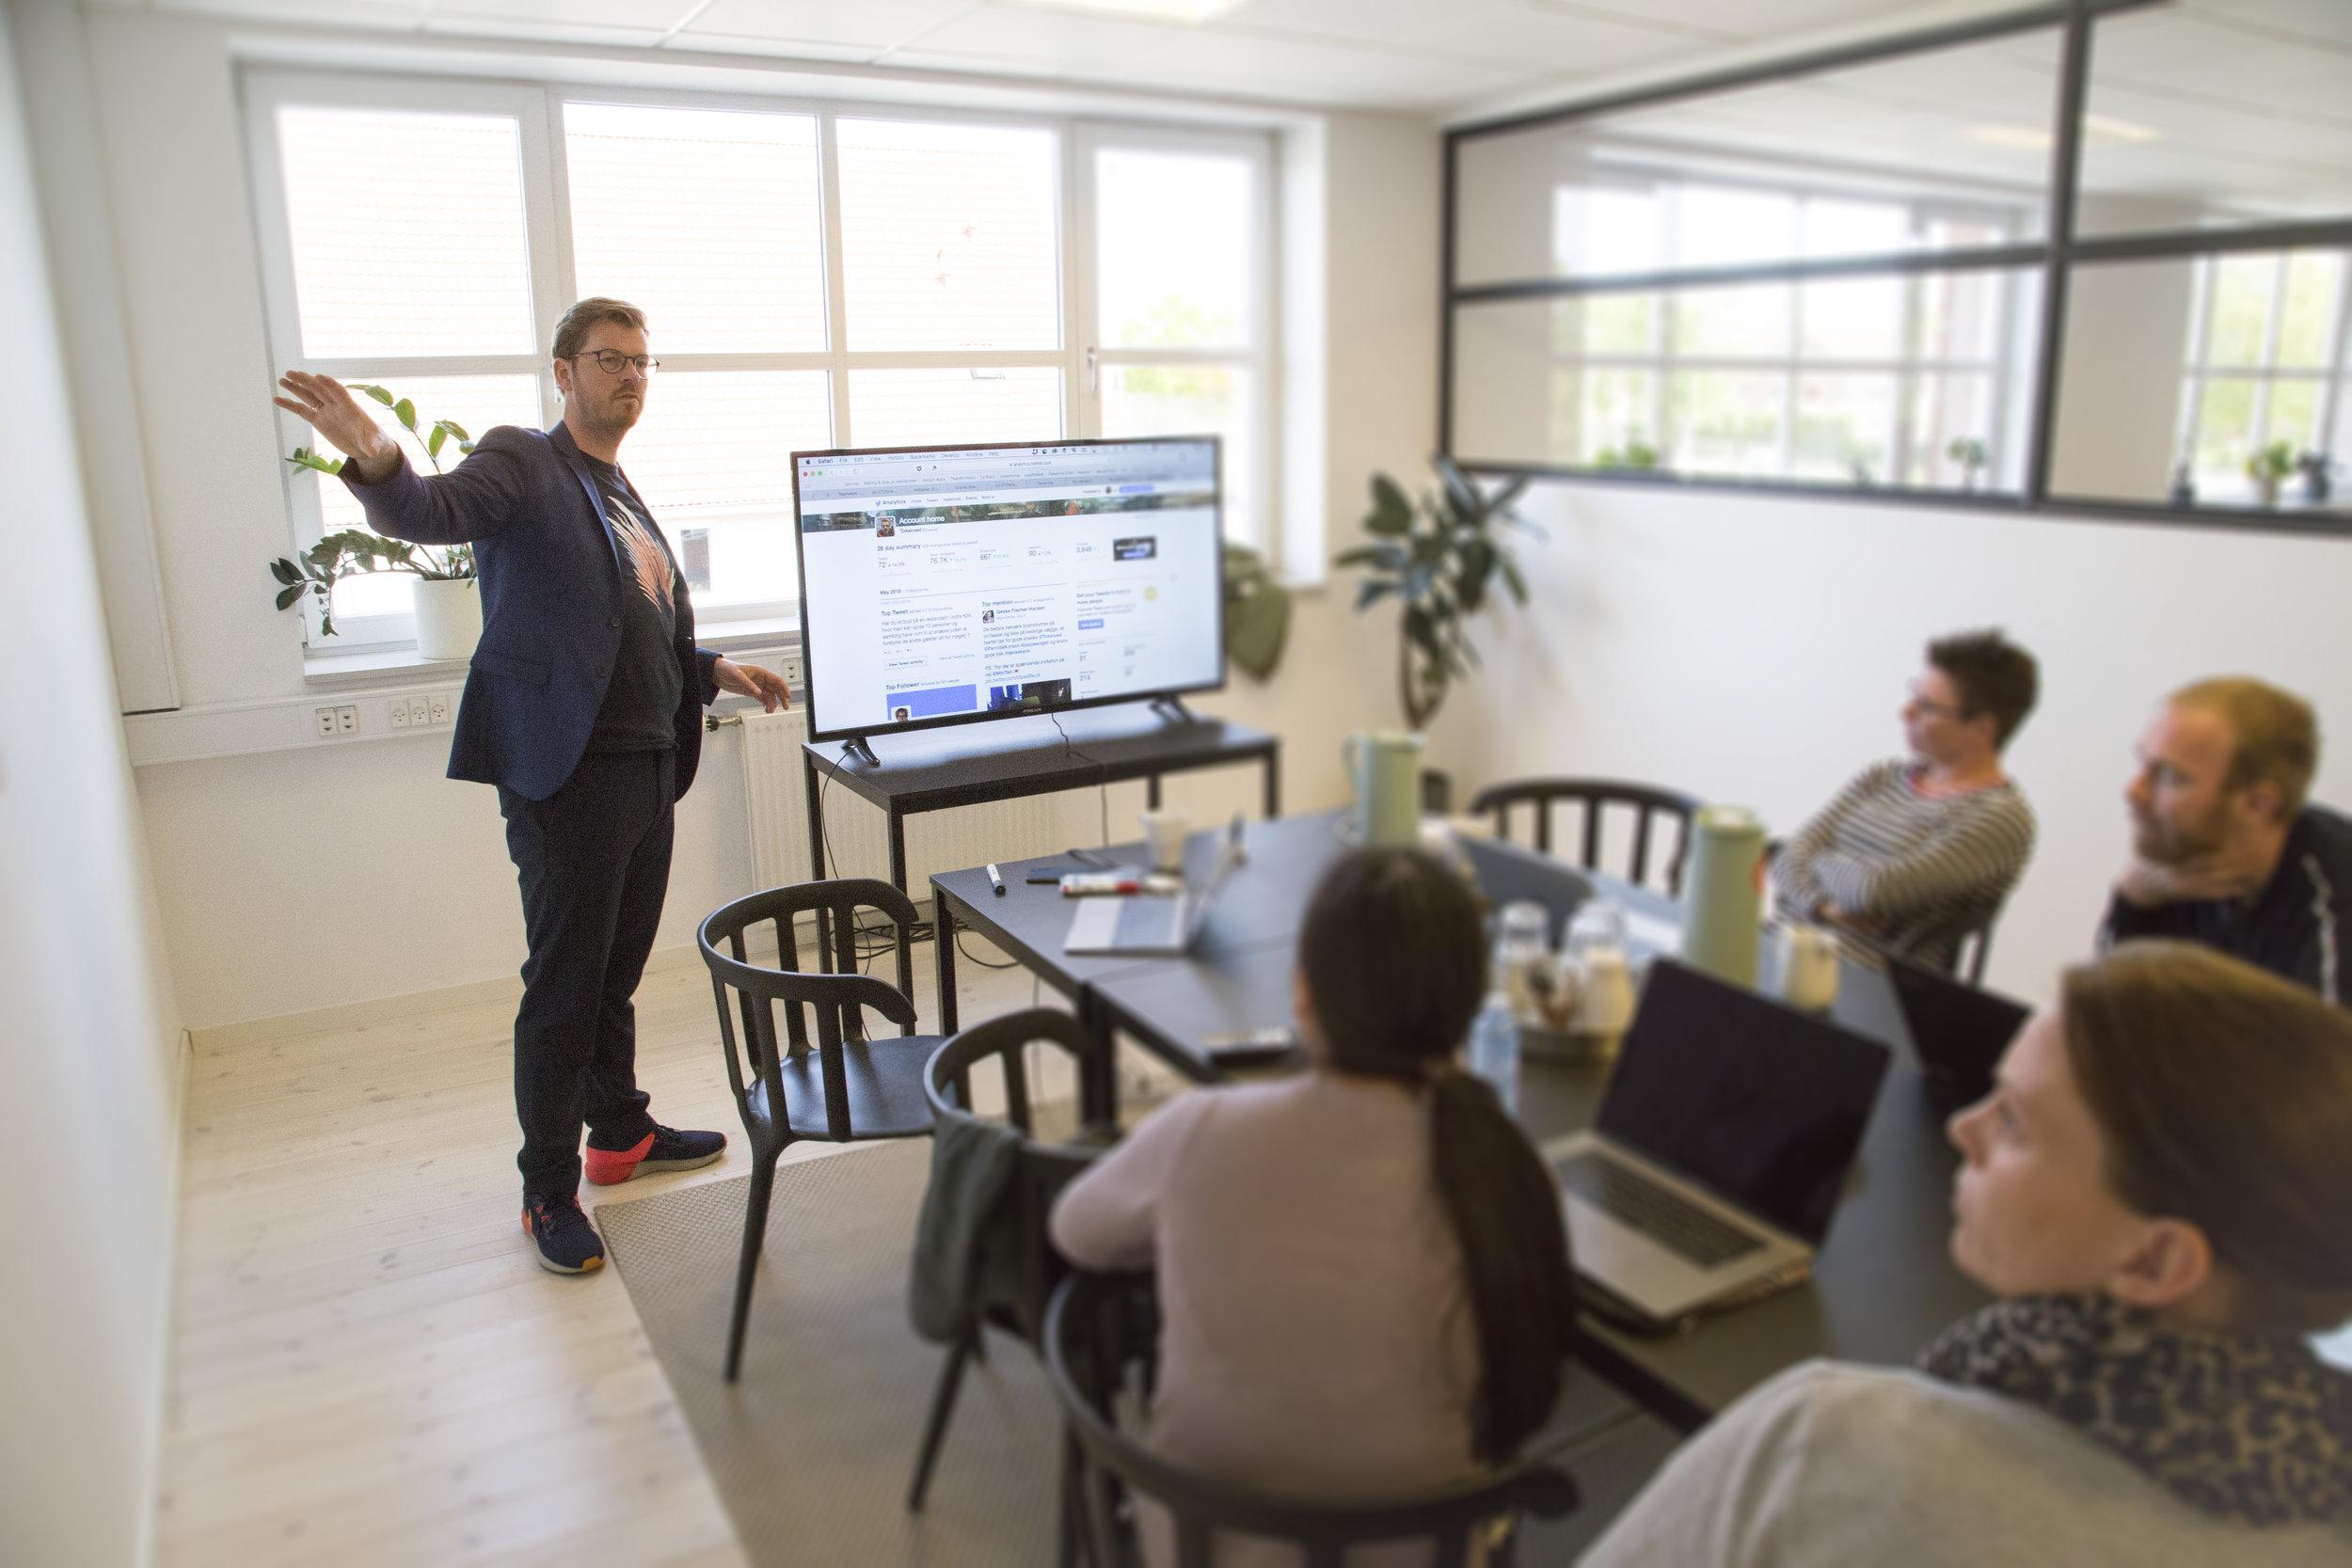 Workshop - EN WORKSHOP KAN SÆTTE SKUB I ET PROJEKT OG GØRE IDÉ TIL VIRKLIGHED. Vi har gennem flere år og med afsæt i digitalisering og den digitale transformation leveret workshops i både ind- og udland med afsæt i digitalisering og den digitale transformation. Med en workshop får du mulighed for at arbejde i dybden med løsningen af en specifik opgave. Formålet med en workshop er at få udvekslet meninger, interesser, holdninger og synspunkter, som ikke nødvendigvis skal munde ud i, at alle er enige. Det vigtigste formål med workshoppen er at deltagerne er aktive. Mange gange indgår workshops naturligt i vores arbejde med virksomhederne, fordi det er en god måde at få medarbejderne engageret i projektet på. Vi er også facilitatorer på SPRINT:DIGITAL, hvor vi gennem et intensivt workshopforløb udvikler en digital idé til prototype. LÆS OM SPRINT:DIGITAL HERSe eksempler på workshops her: KLIK HER